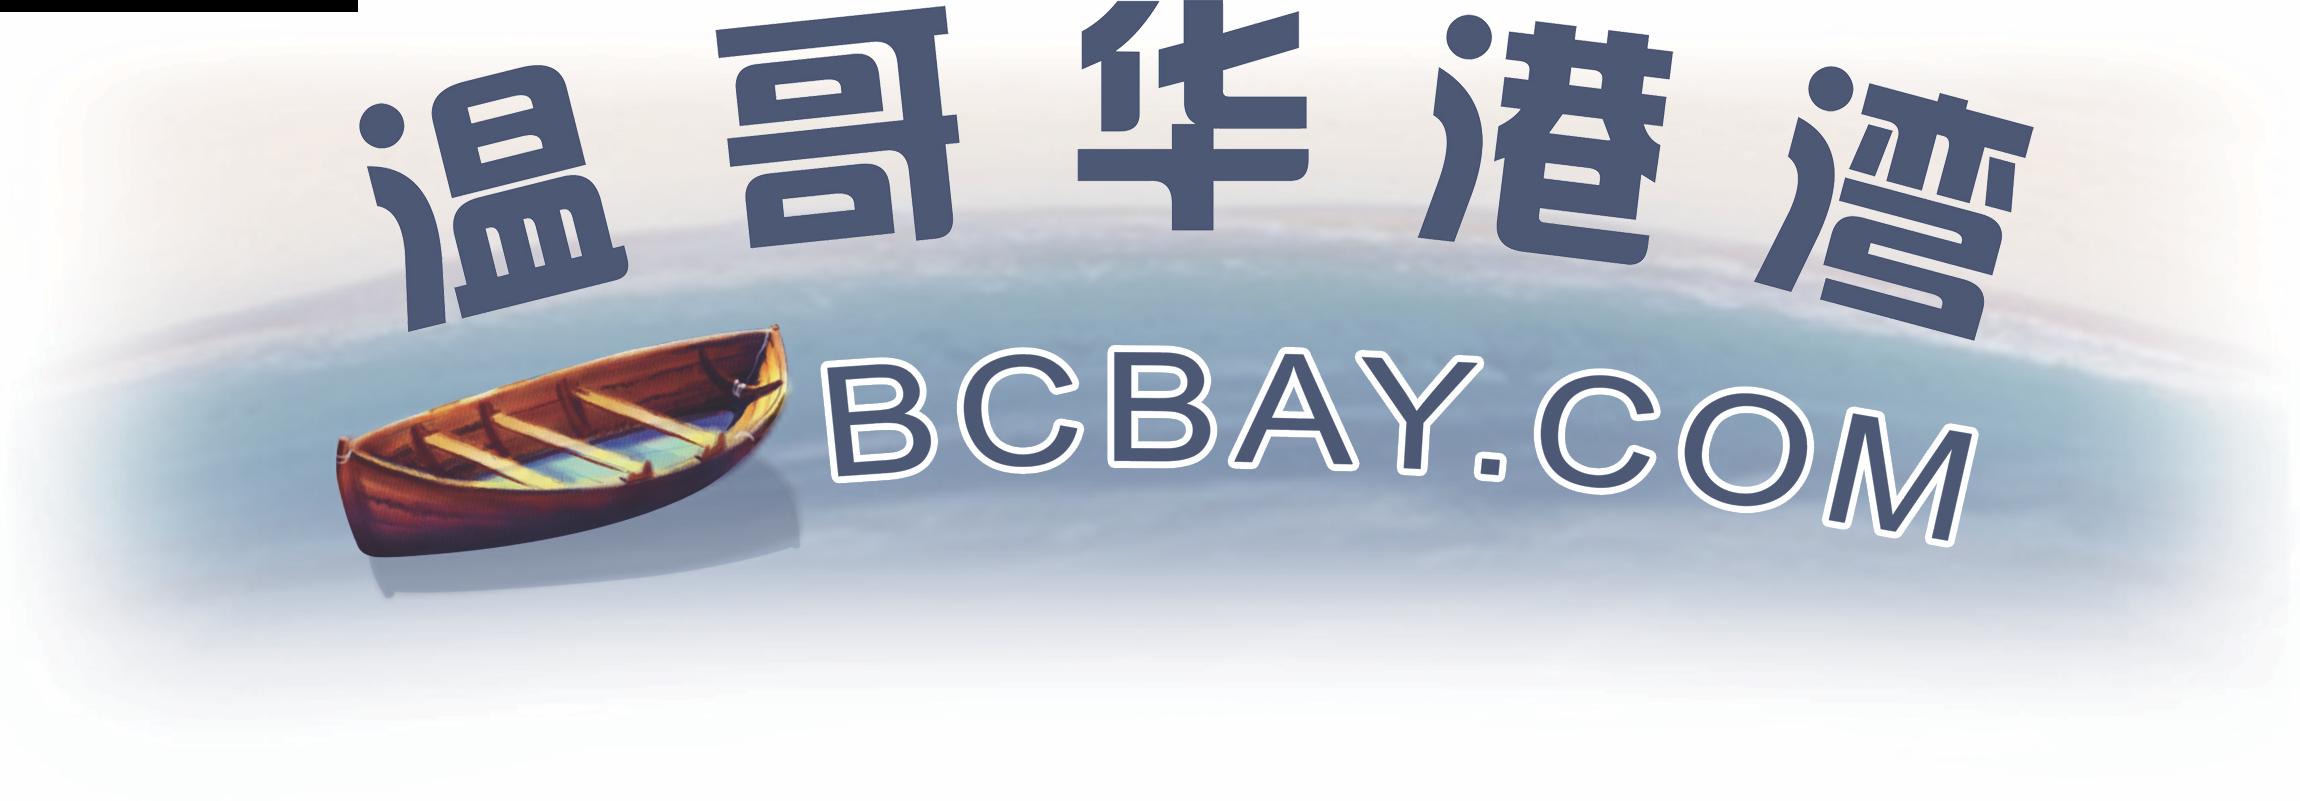 bcbay.com